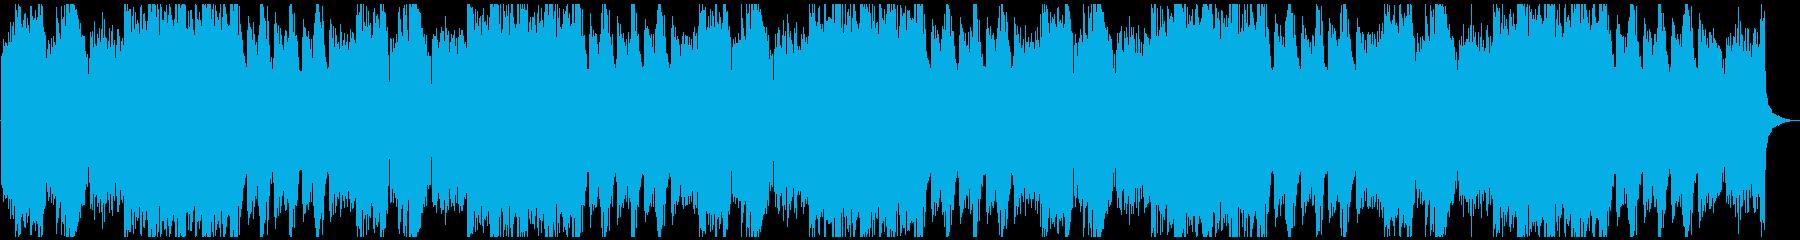 ハイテンポでシリアスな超絶技巧ピアノソロの再生済みの波形